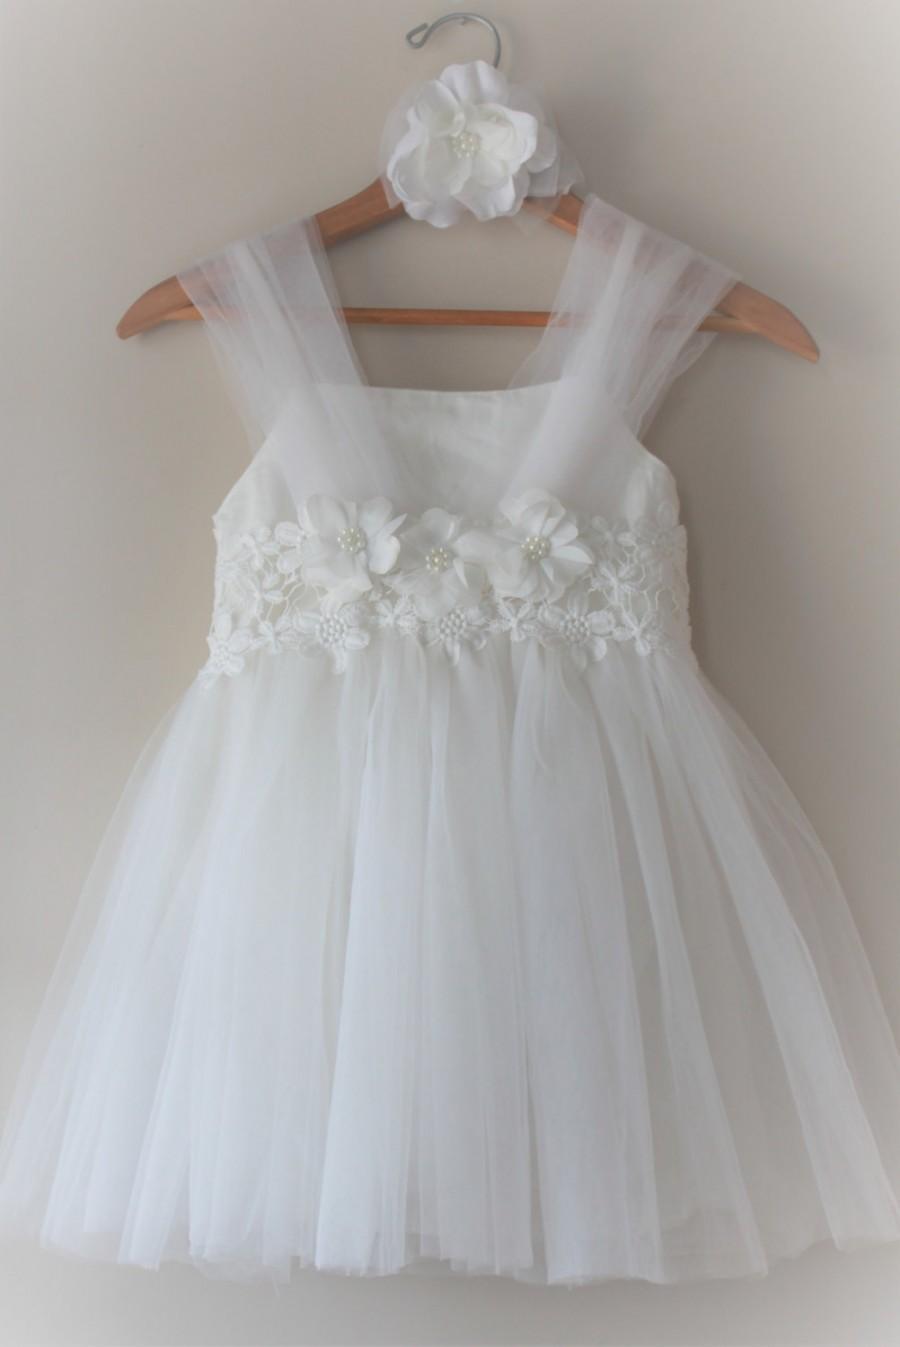 Wedding - White Flower Girl Dress- White Lace Flower Girl Dress- White Birthday Girl Dress-  White Girls Toddlers Dresses- Communion  Girl Dresses